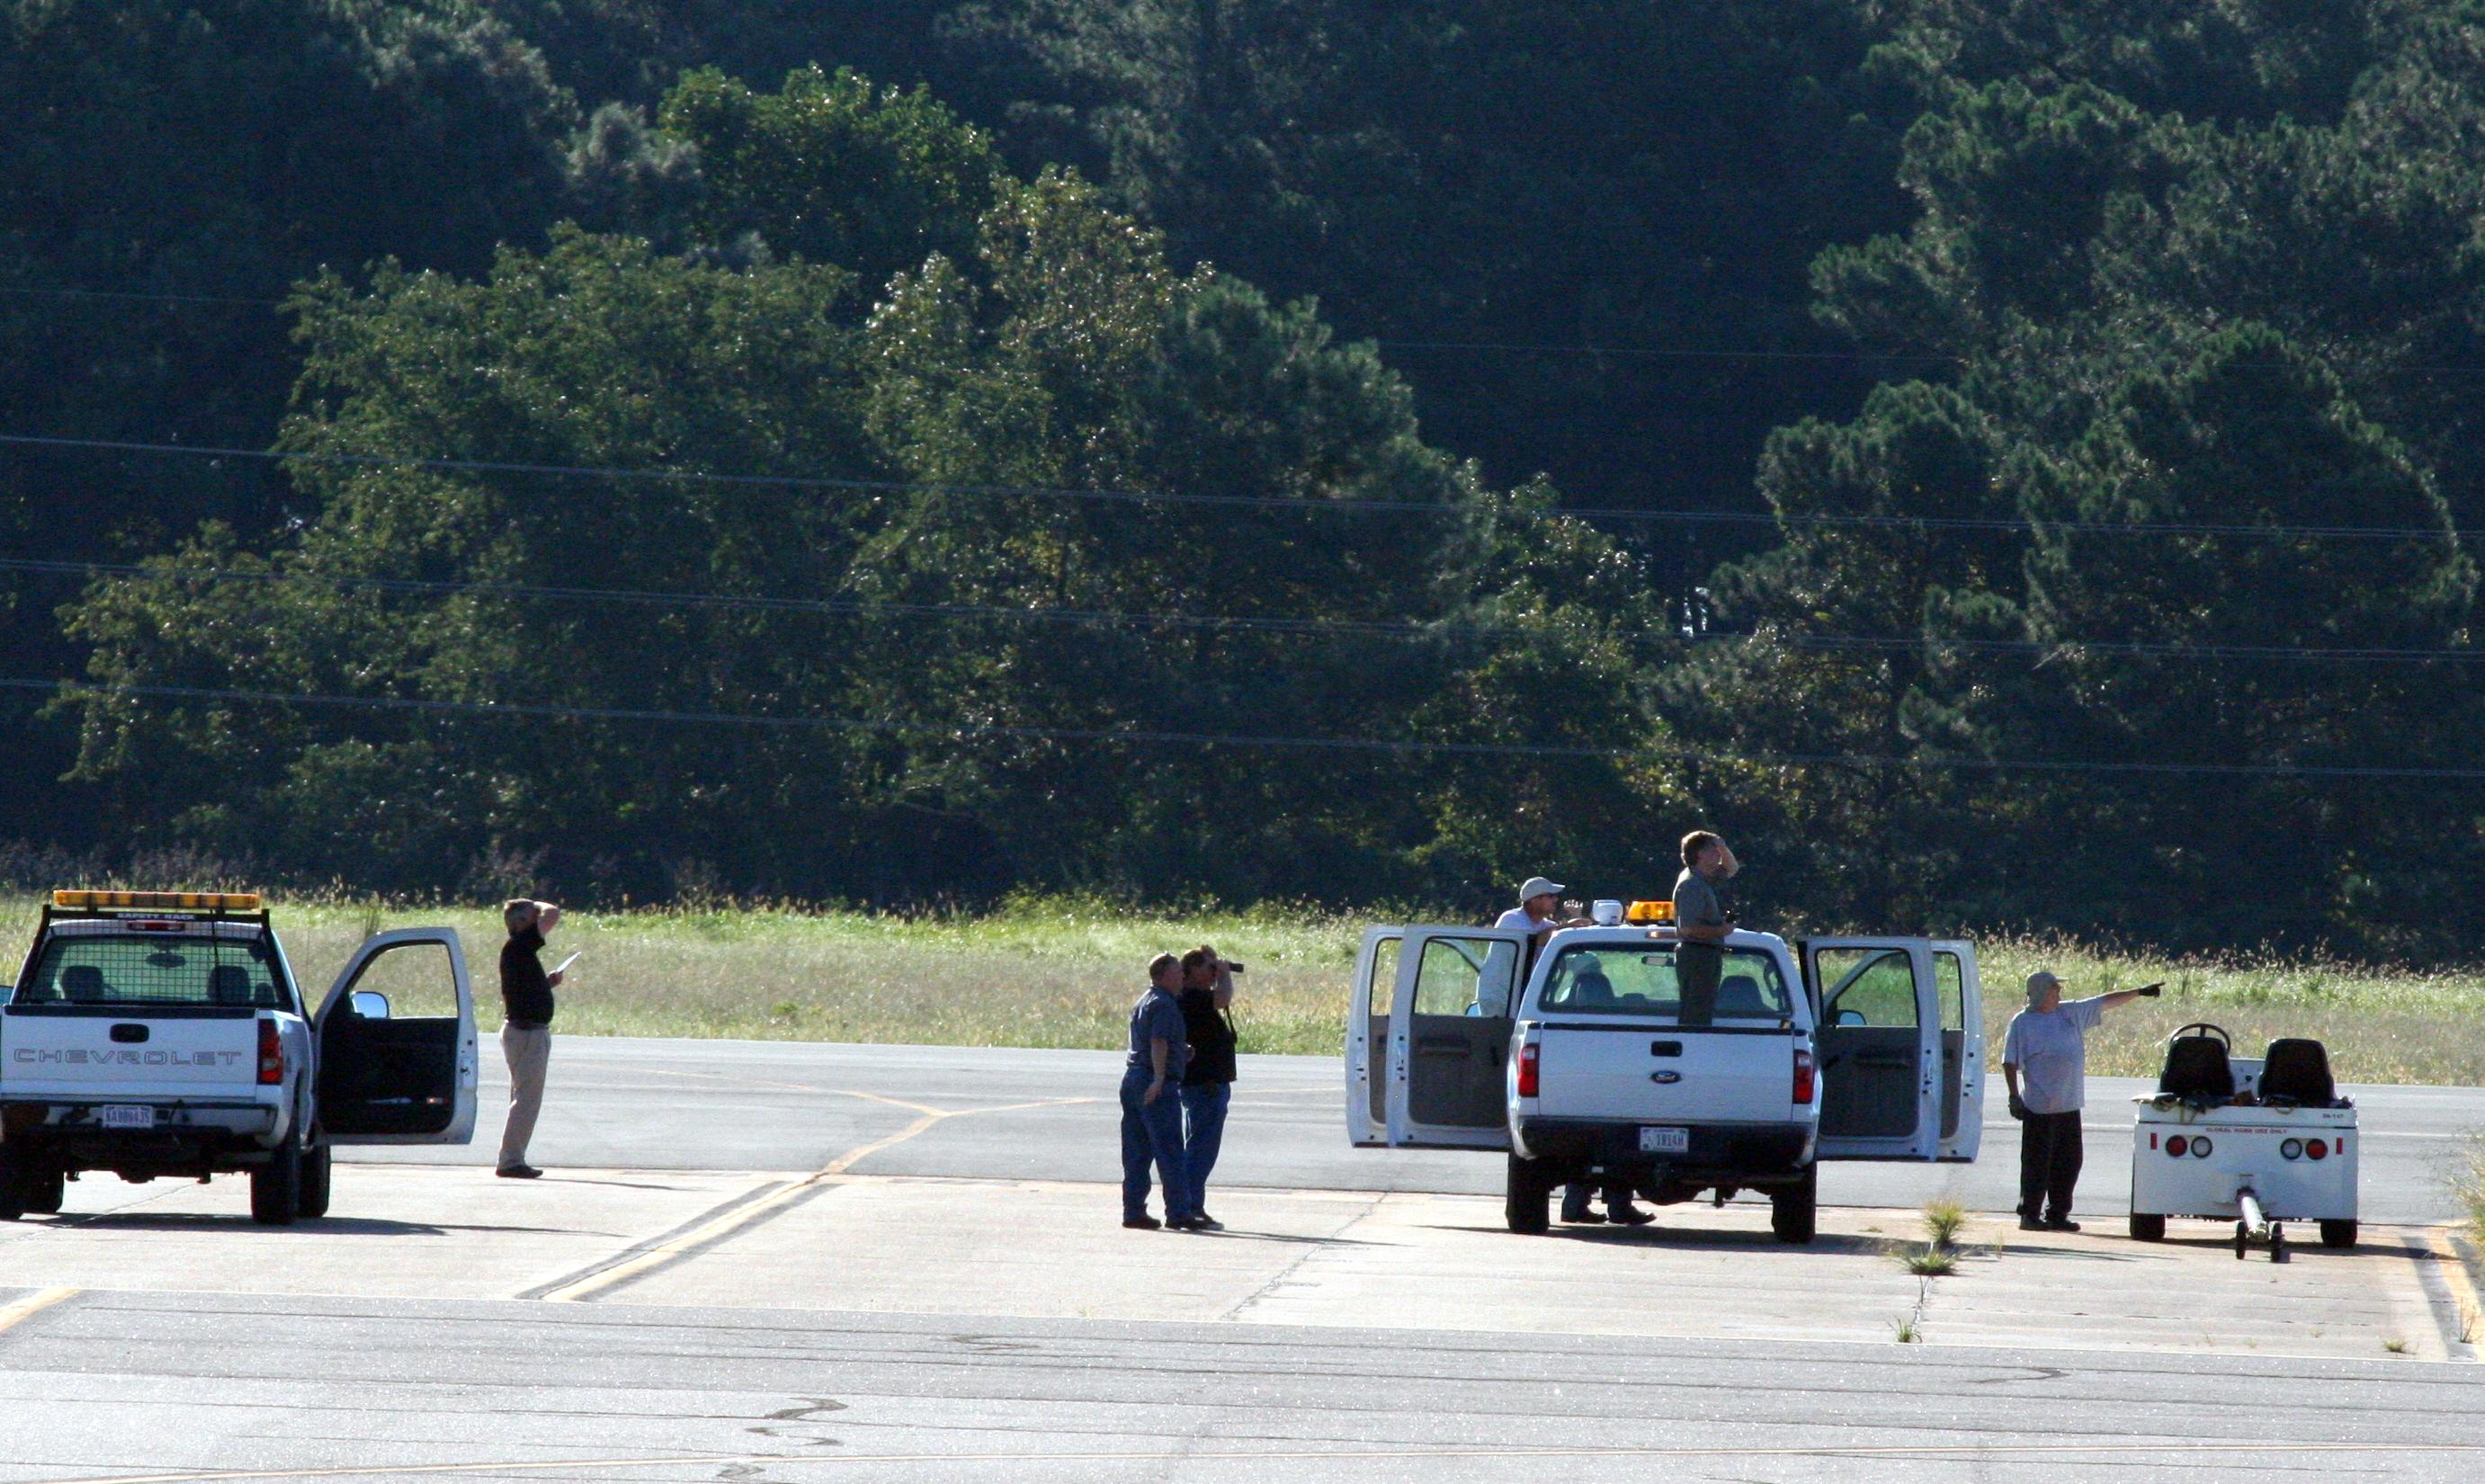 AV-6 approaches landing at WFF (9.12.12) | ESPO